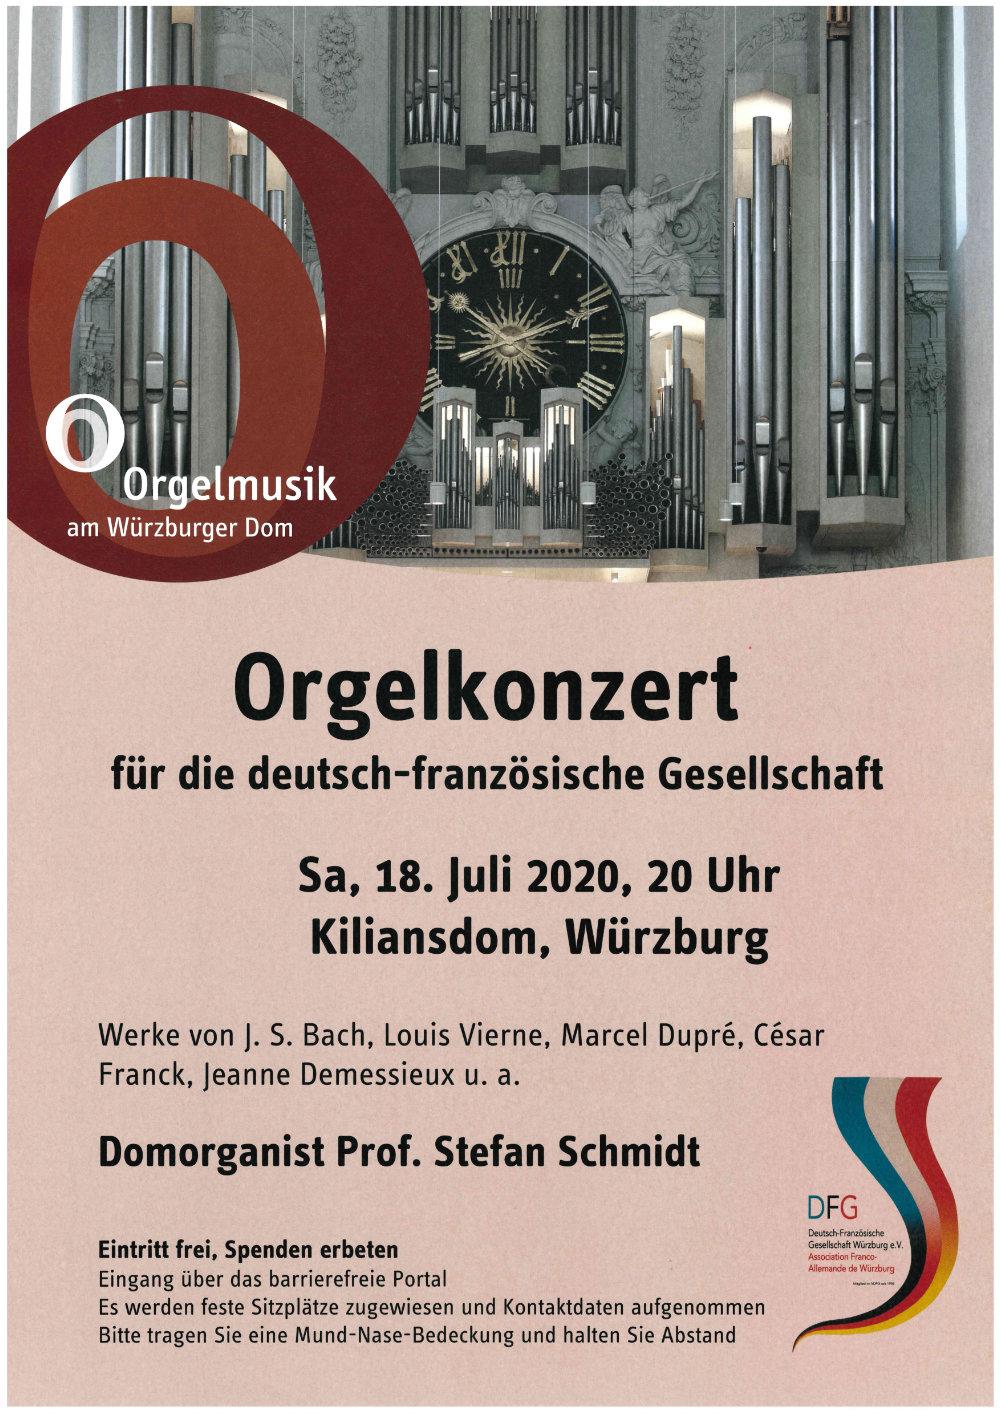 DFG Wuerzburg Orgelkonzert